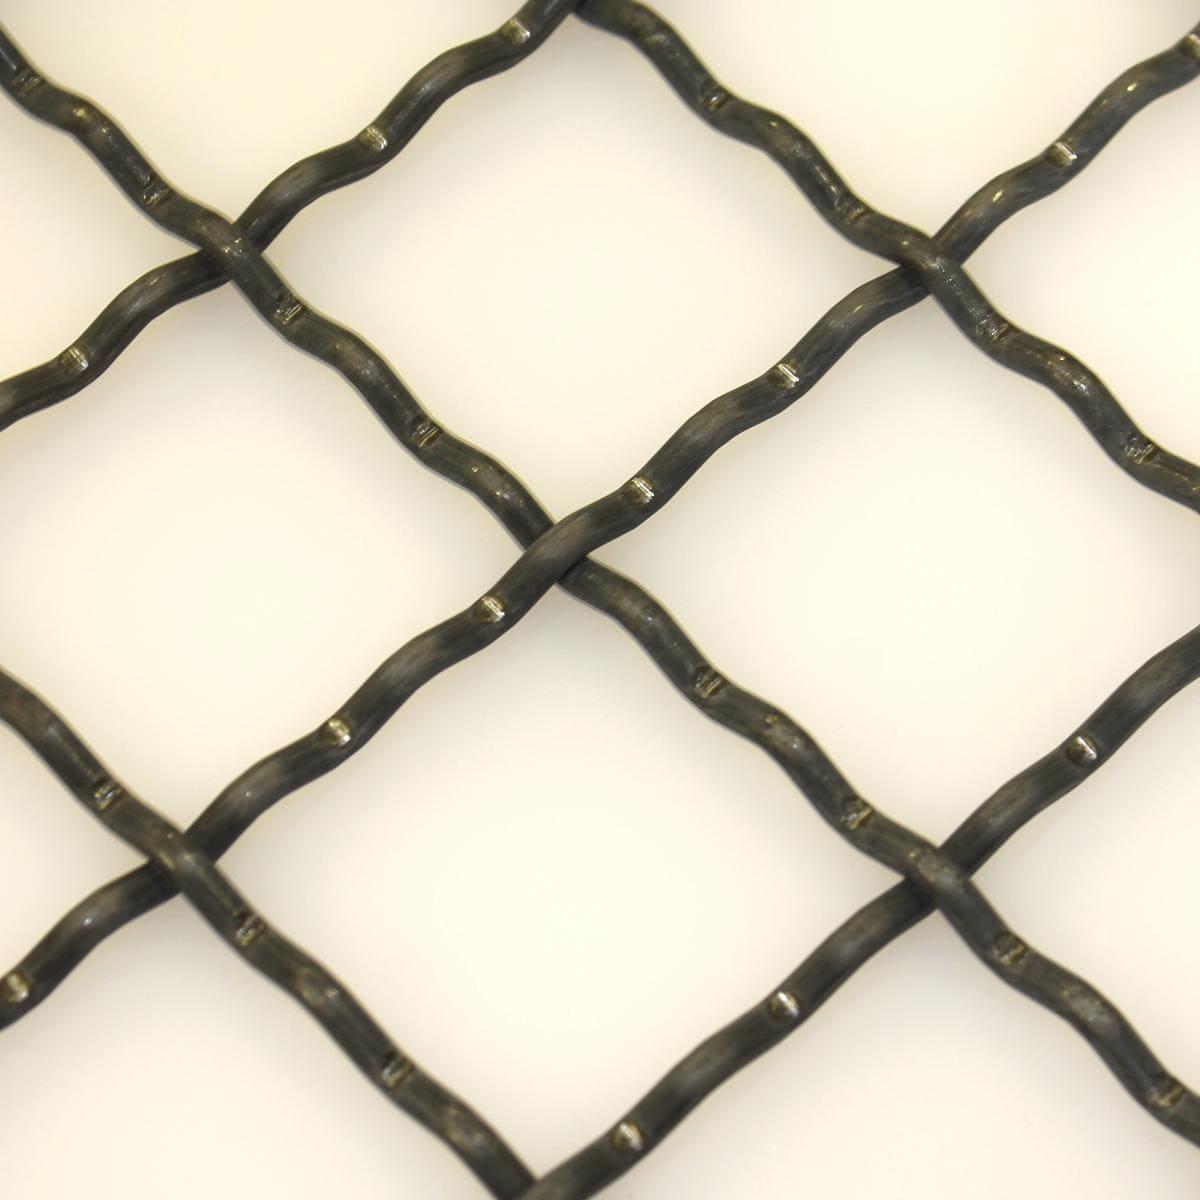 Wellengitter Gitter 1,0x2,0 Meter aus Stahl MW 40x40x4